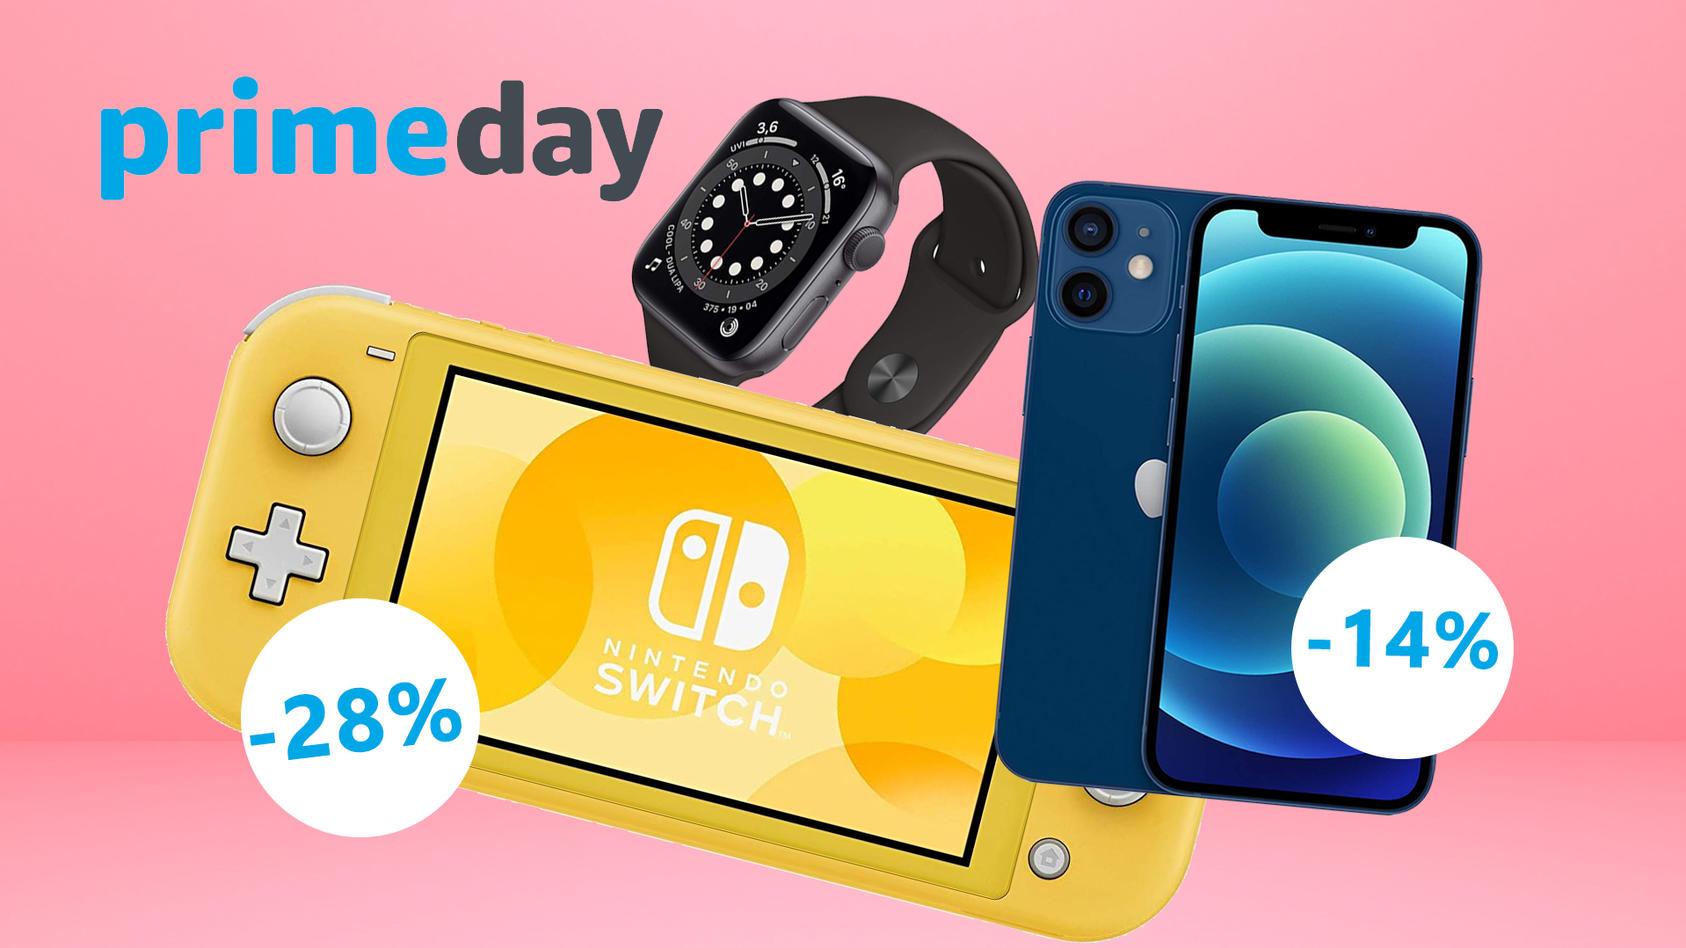 Prime Day: Das sind die besten Angebote und Deals.